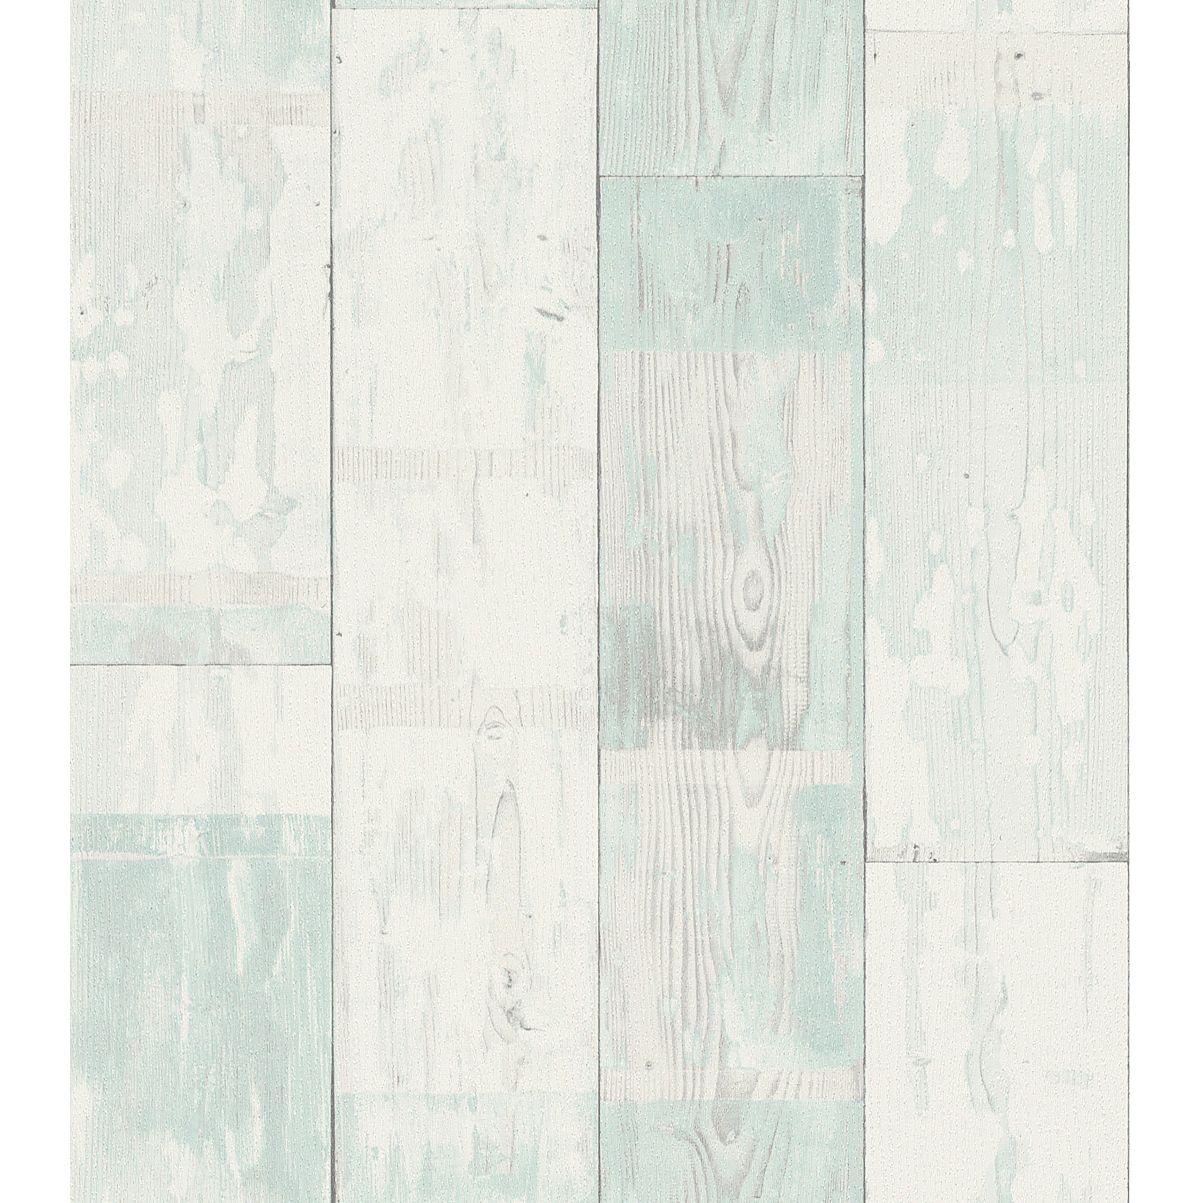 Vliestapeten Decke Tapezieren : baumarkt bauen renovieren wand decke tapeten zubehoer z. B